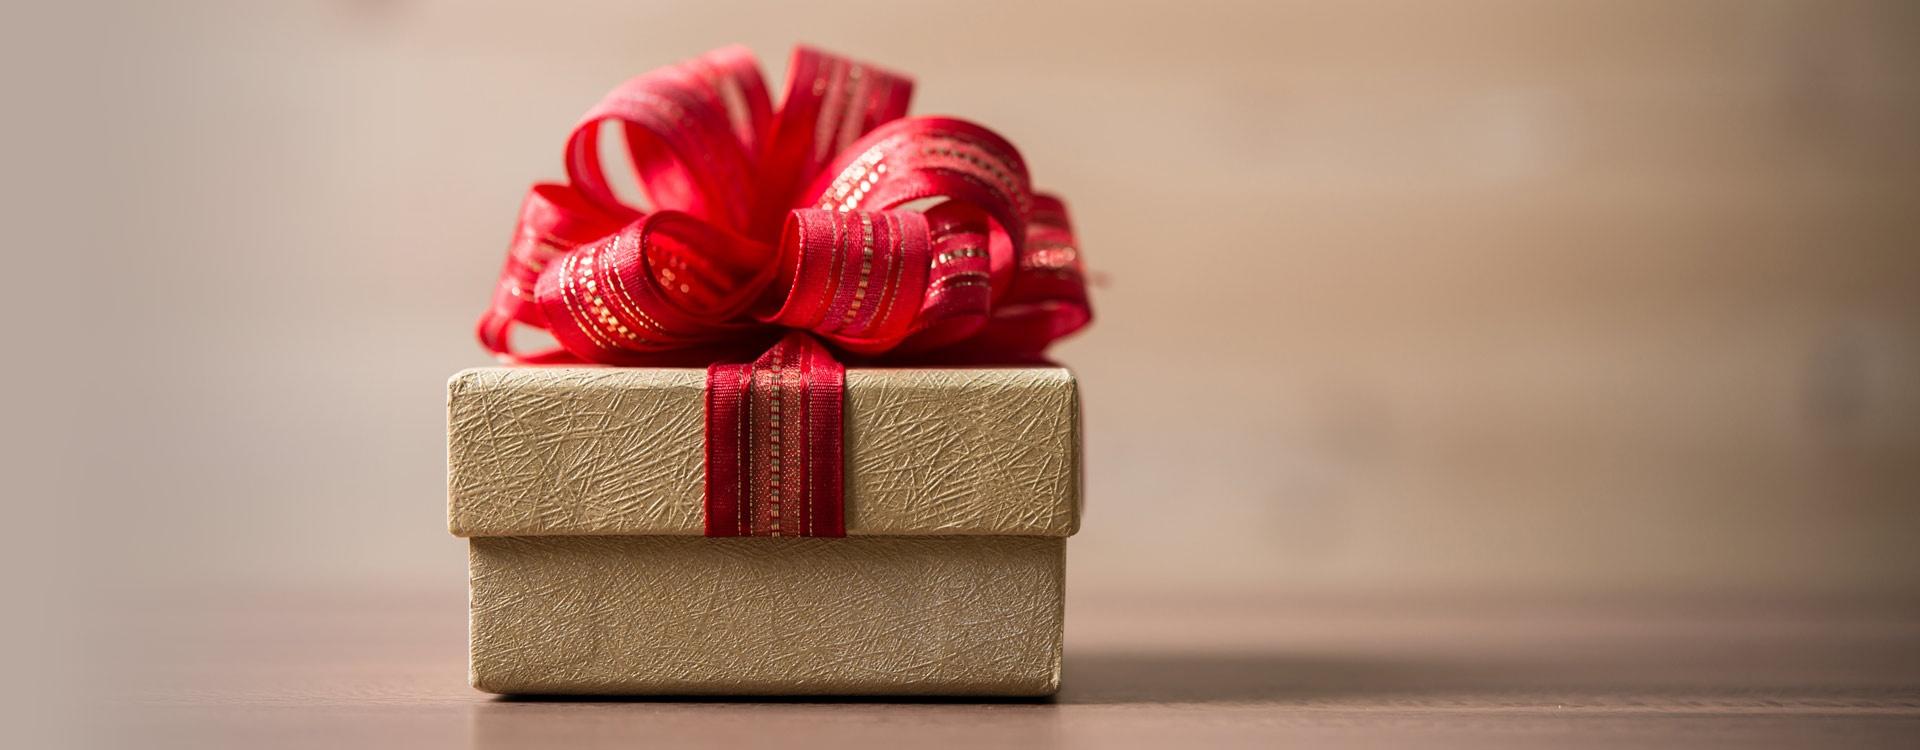 Jak wybrać prezent dla dziadka? Podpowiadamy!